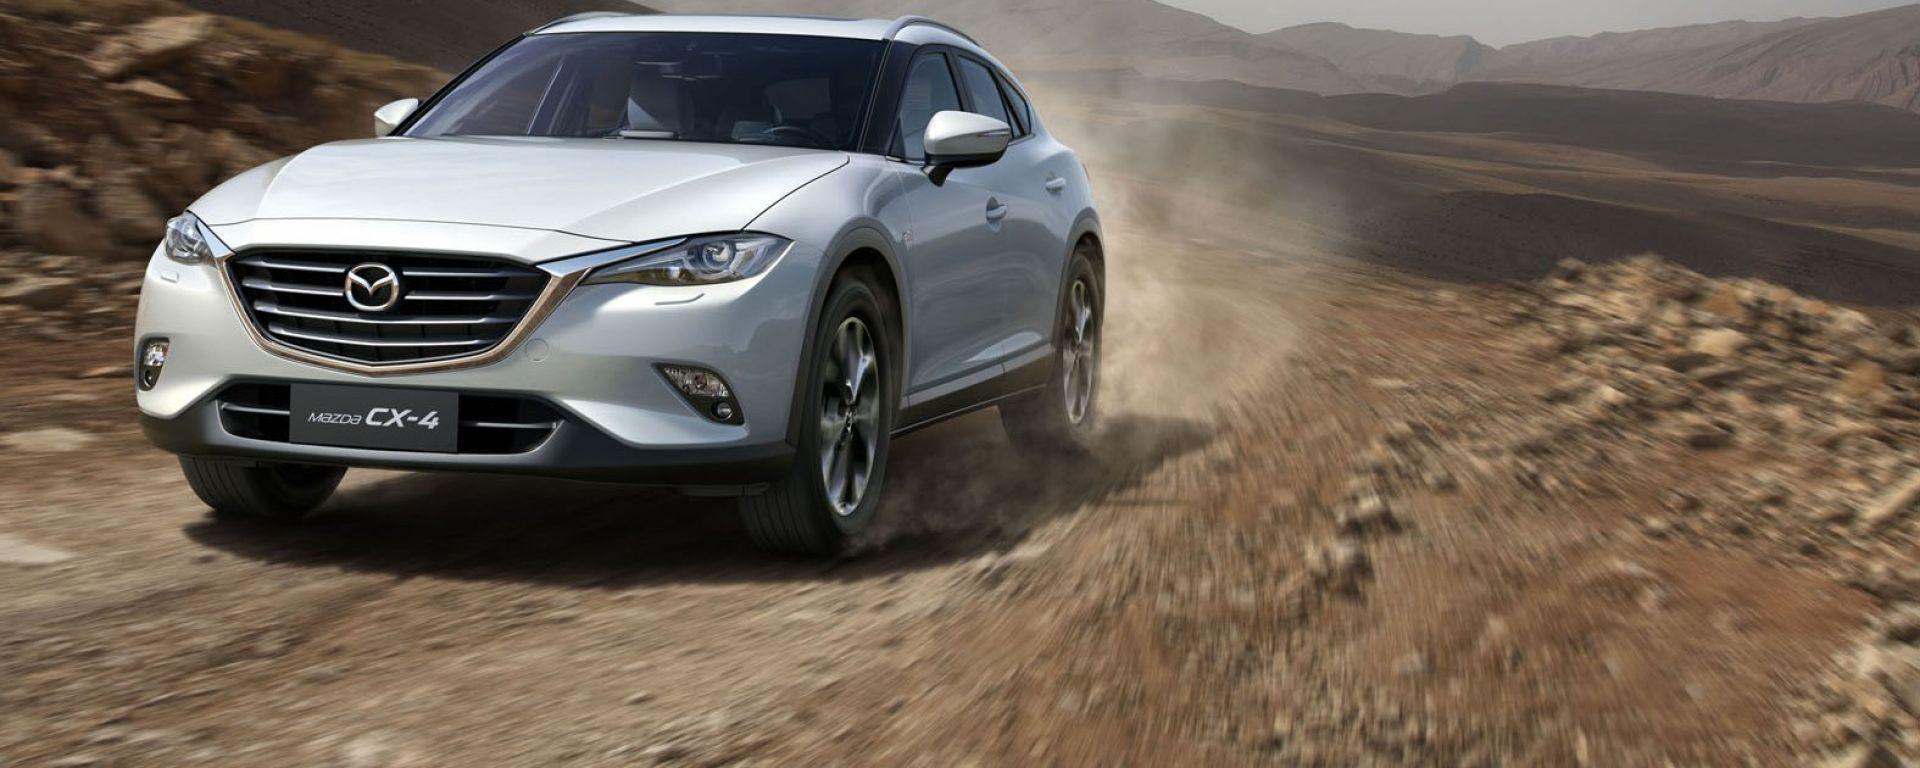 Mazda CX-4: il nuovo crossover medio presentato a Pechino